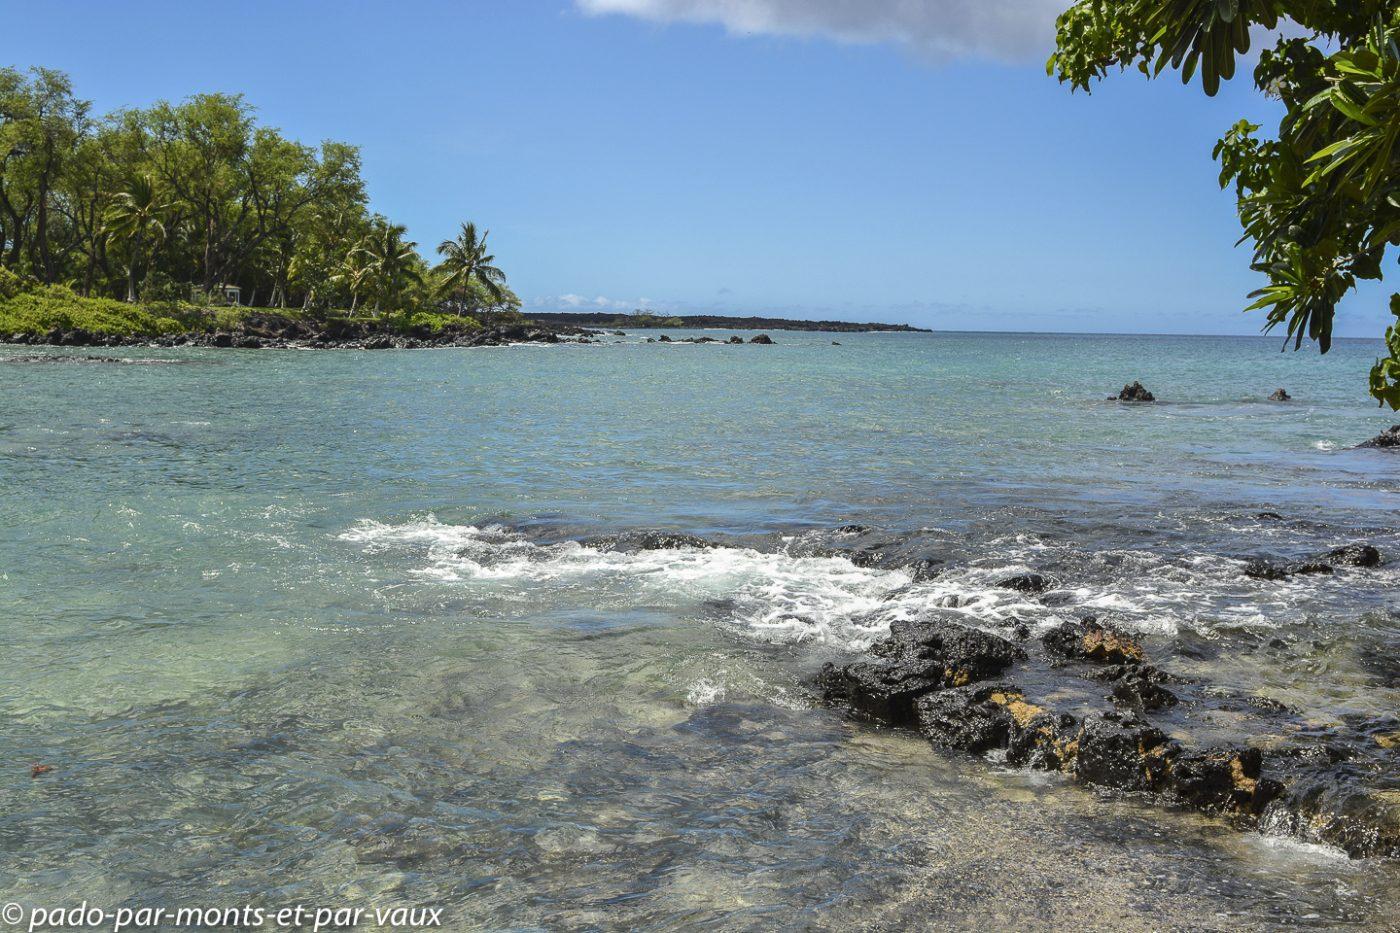 Maui -  Ahihi kina'u reserve